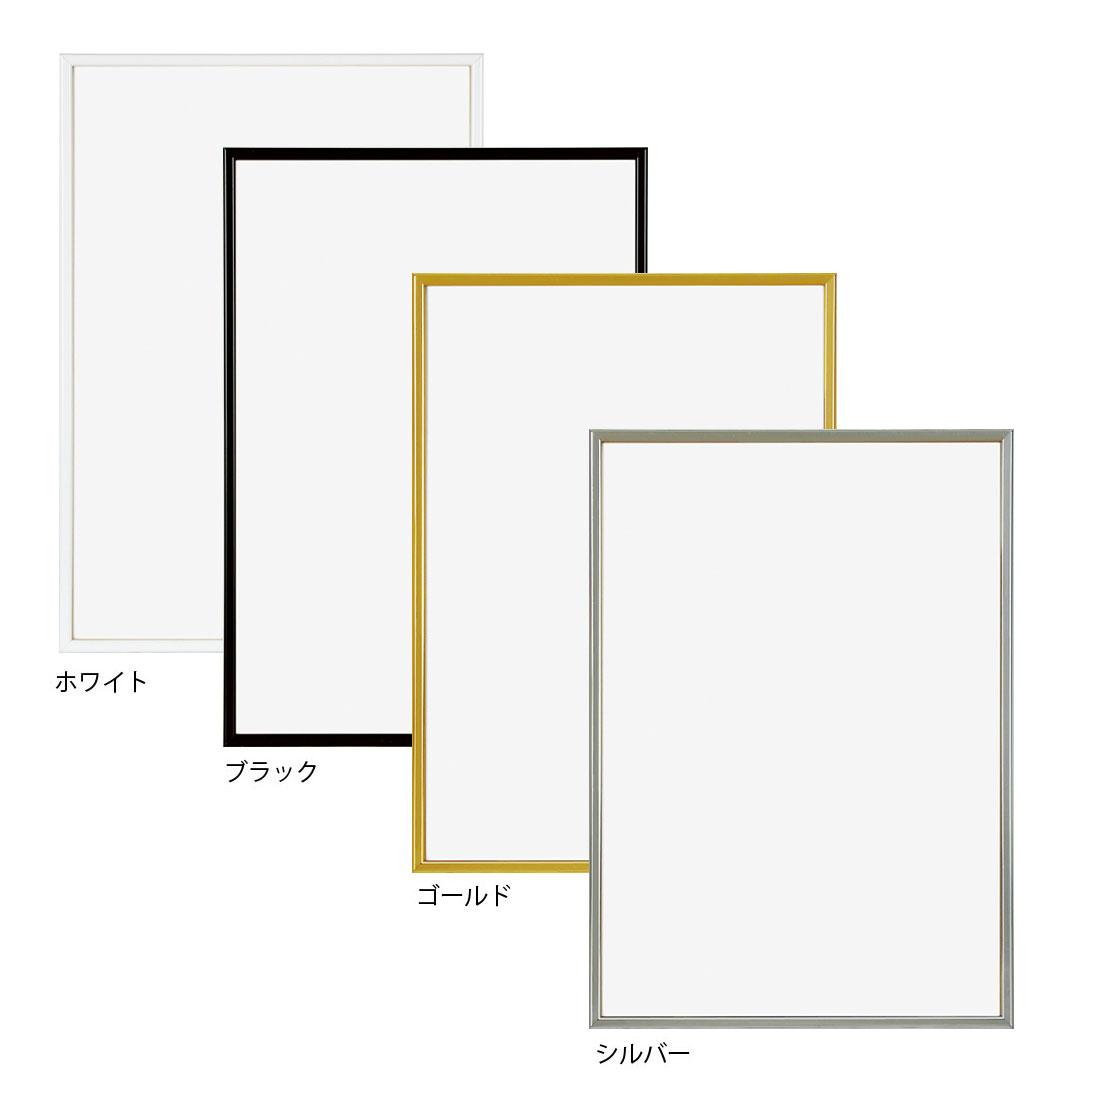 アルミフレーム・アルミパネル/ハイパーフレーム 変形菊全サイズ(600×900mm)